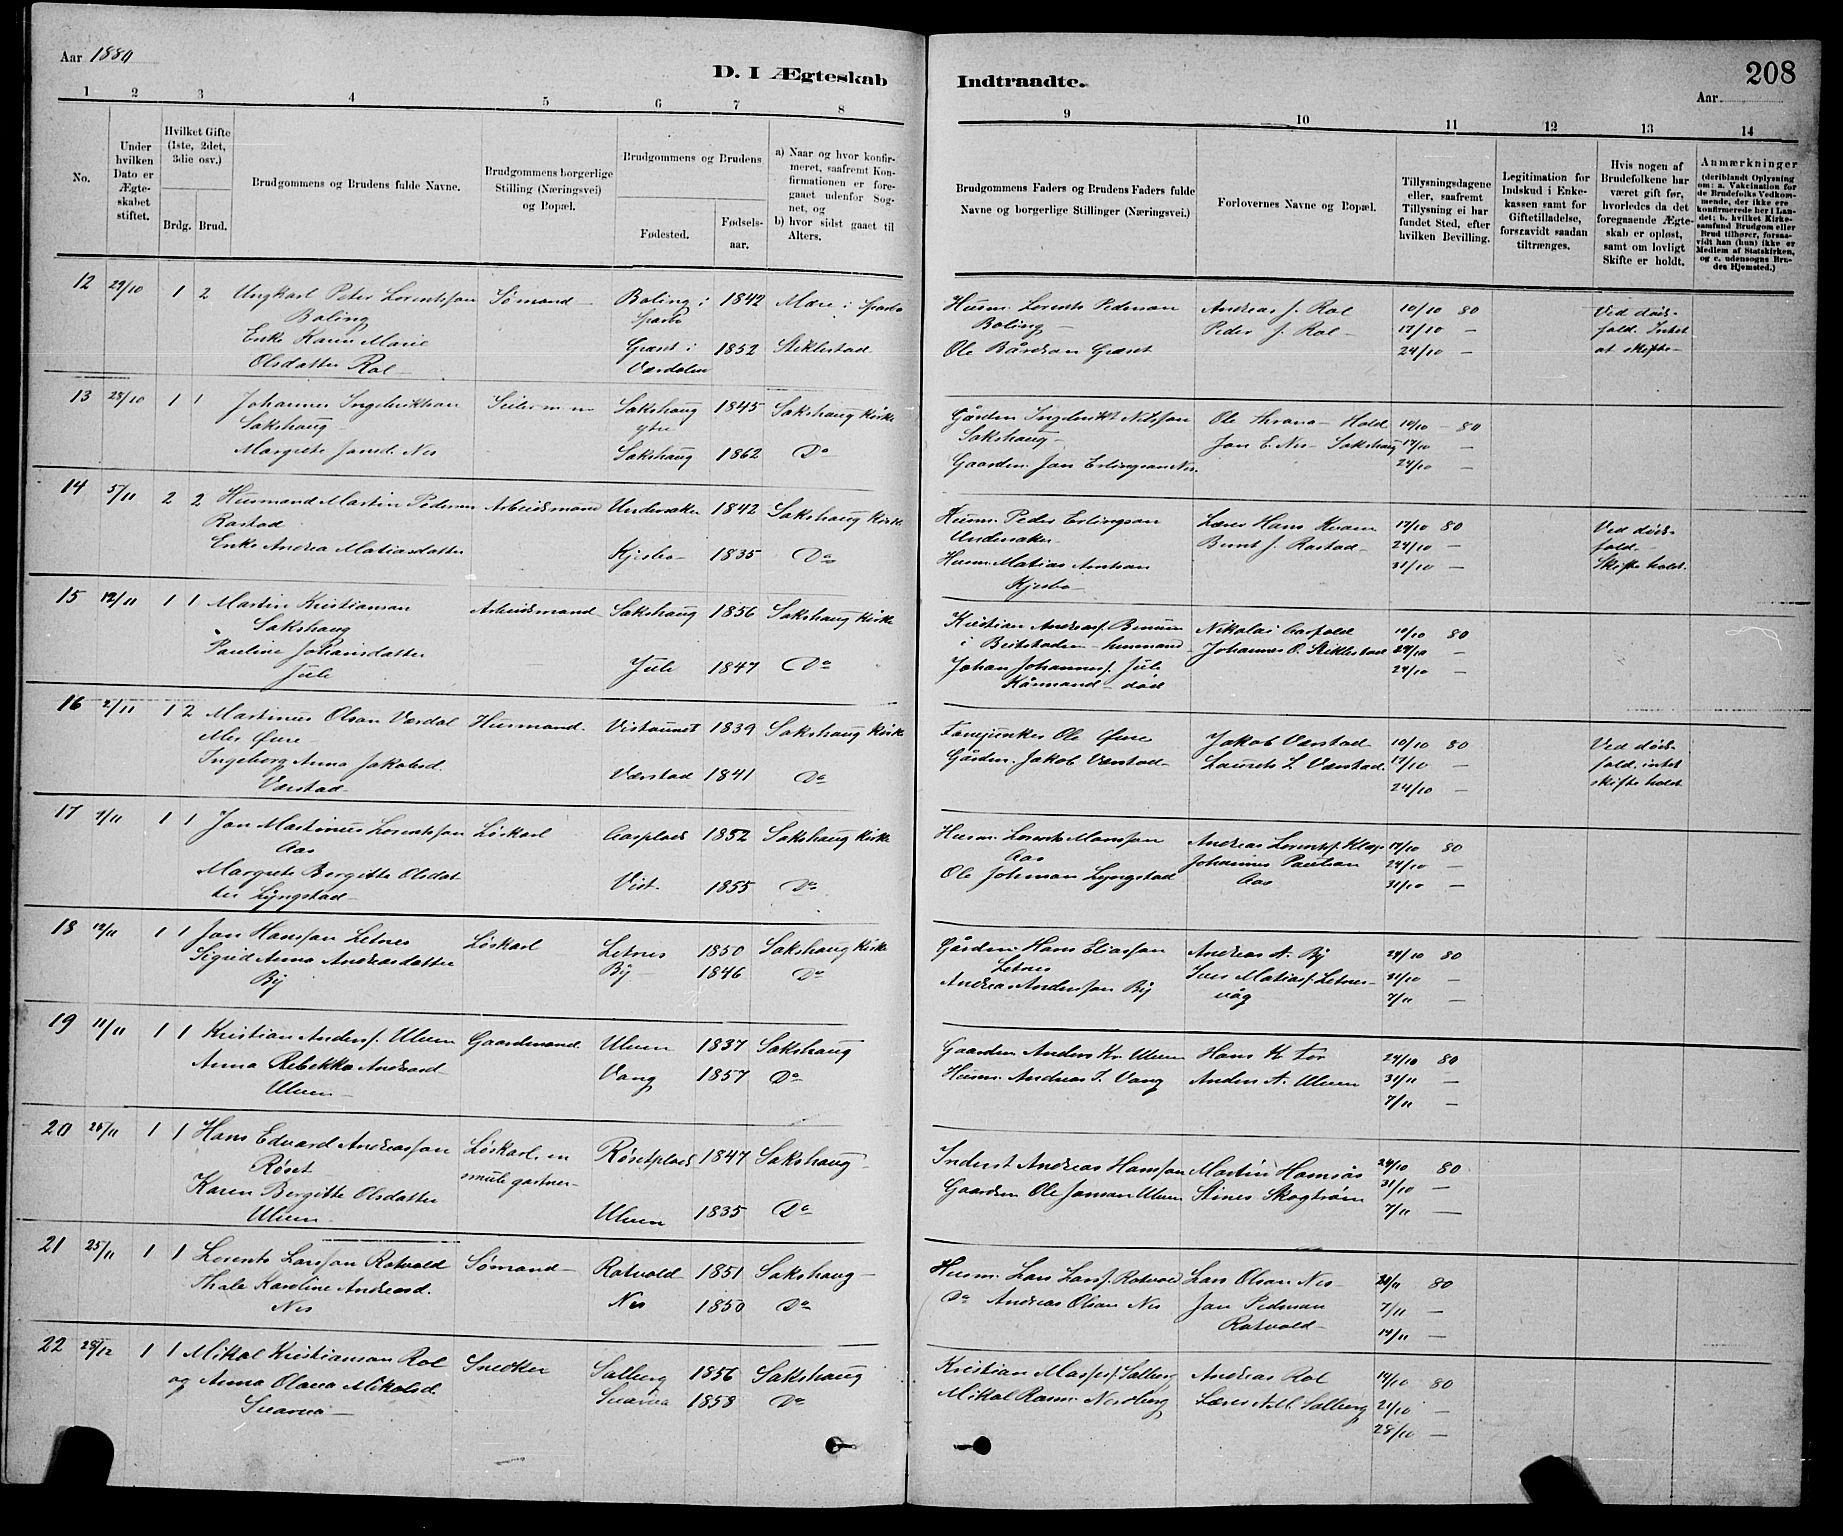 SAT, Ministerialprotokoller, klokkerbøker og fødselsregistre - Nord-Trøndelag, 730/L0301: Klokkerbok nr. 730C04, 1880-1897, s. 208